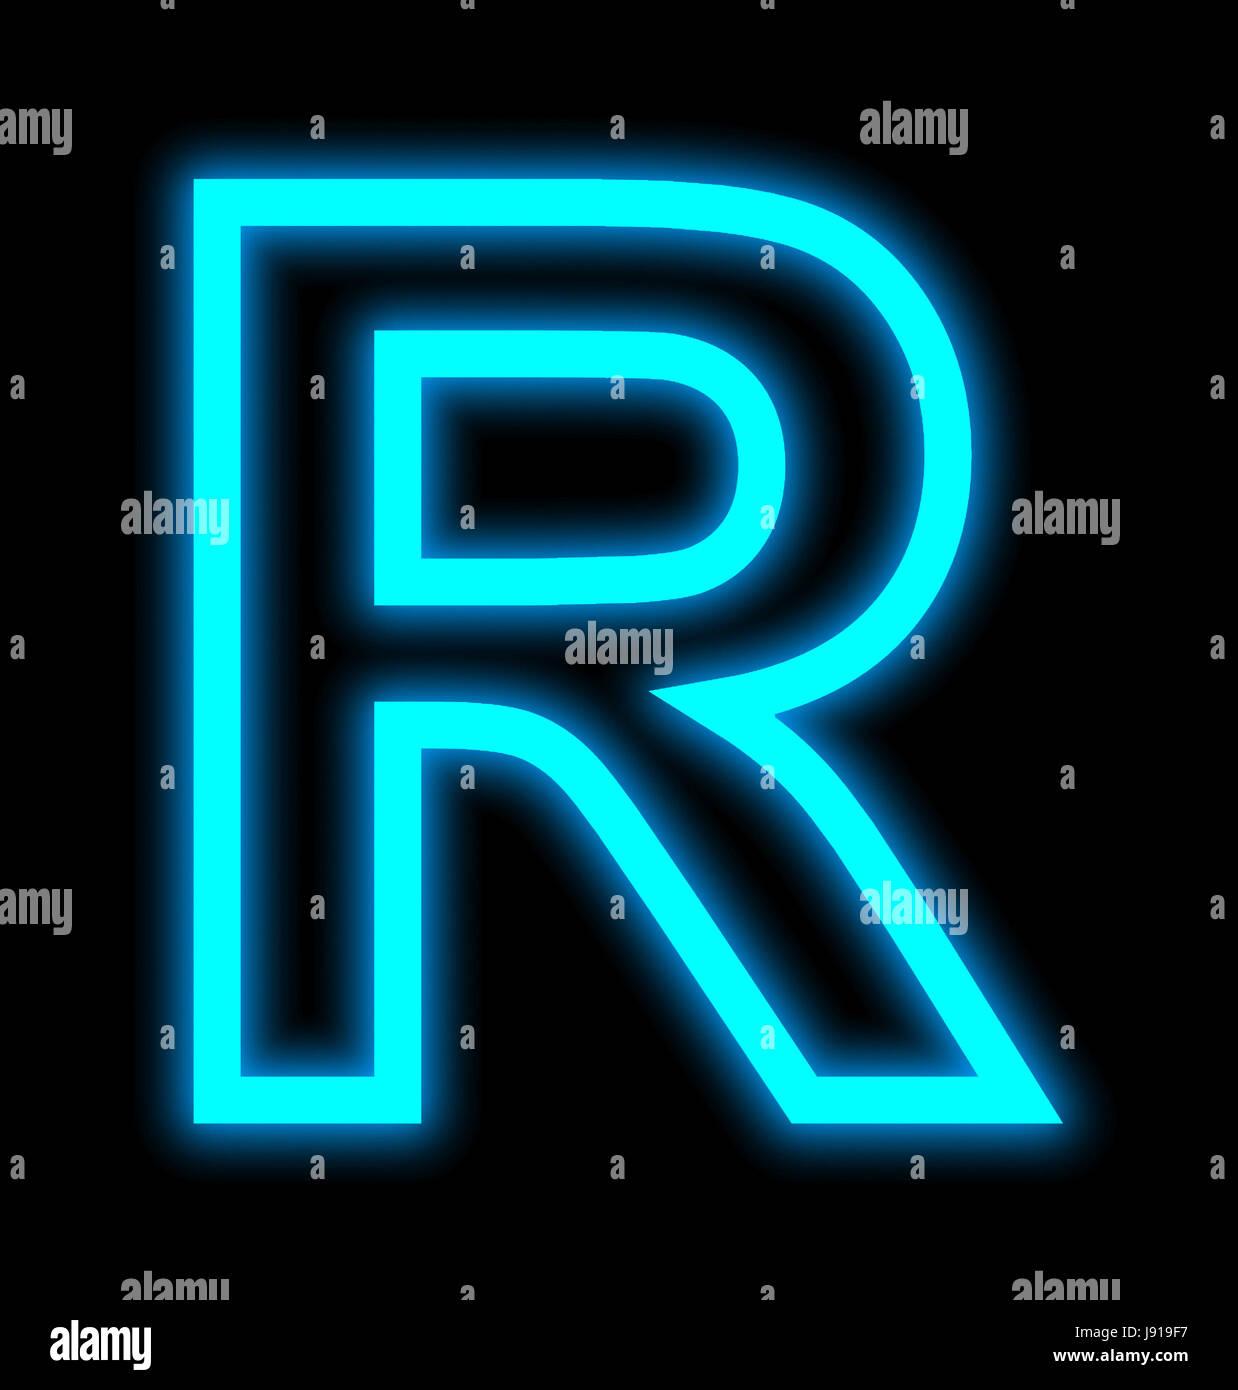 Letra R luces de neón esbozado aislado sobre fondo negro Imagen De Stock